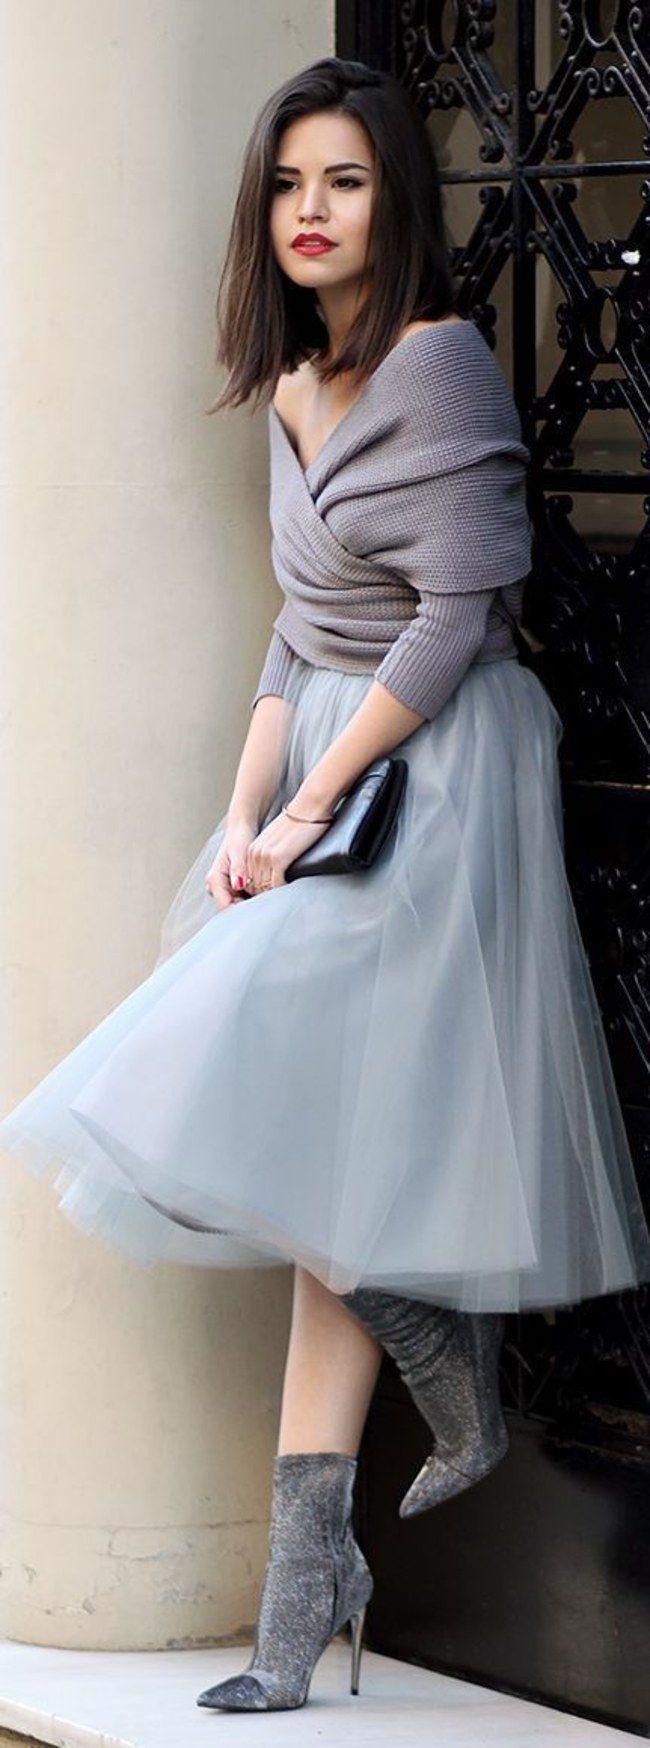 Kleider Hochzeit Gast. die besten 25 kleider hochzeit gast ideen auf ...